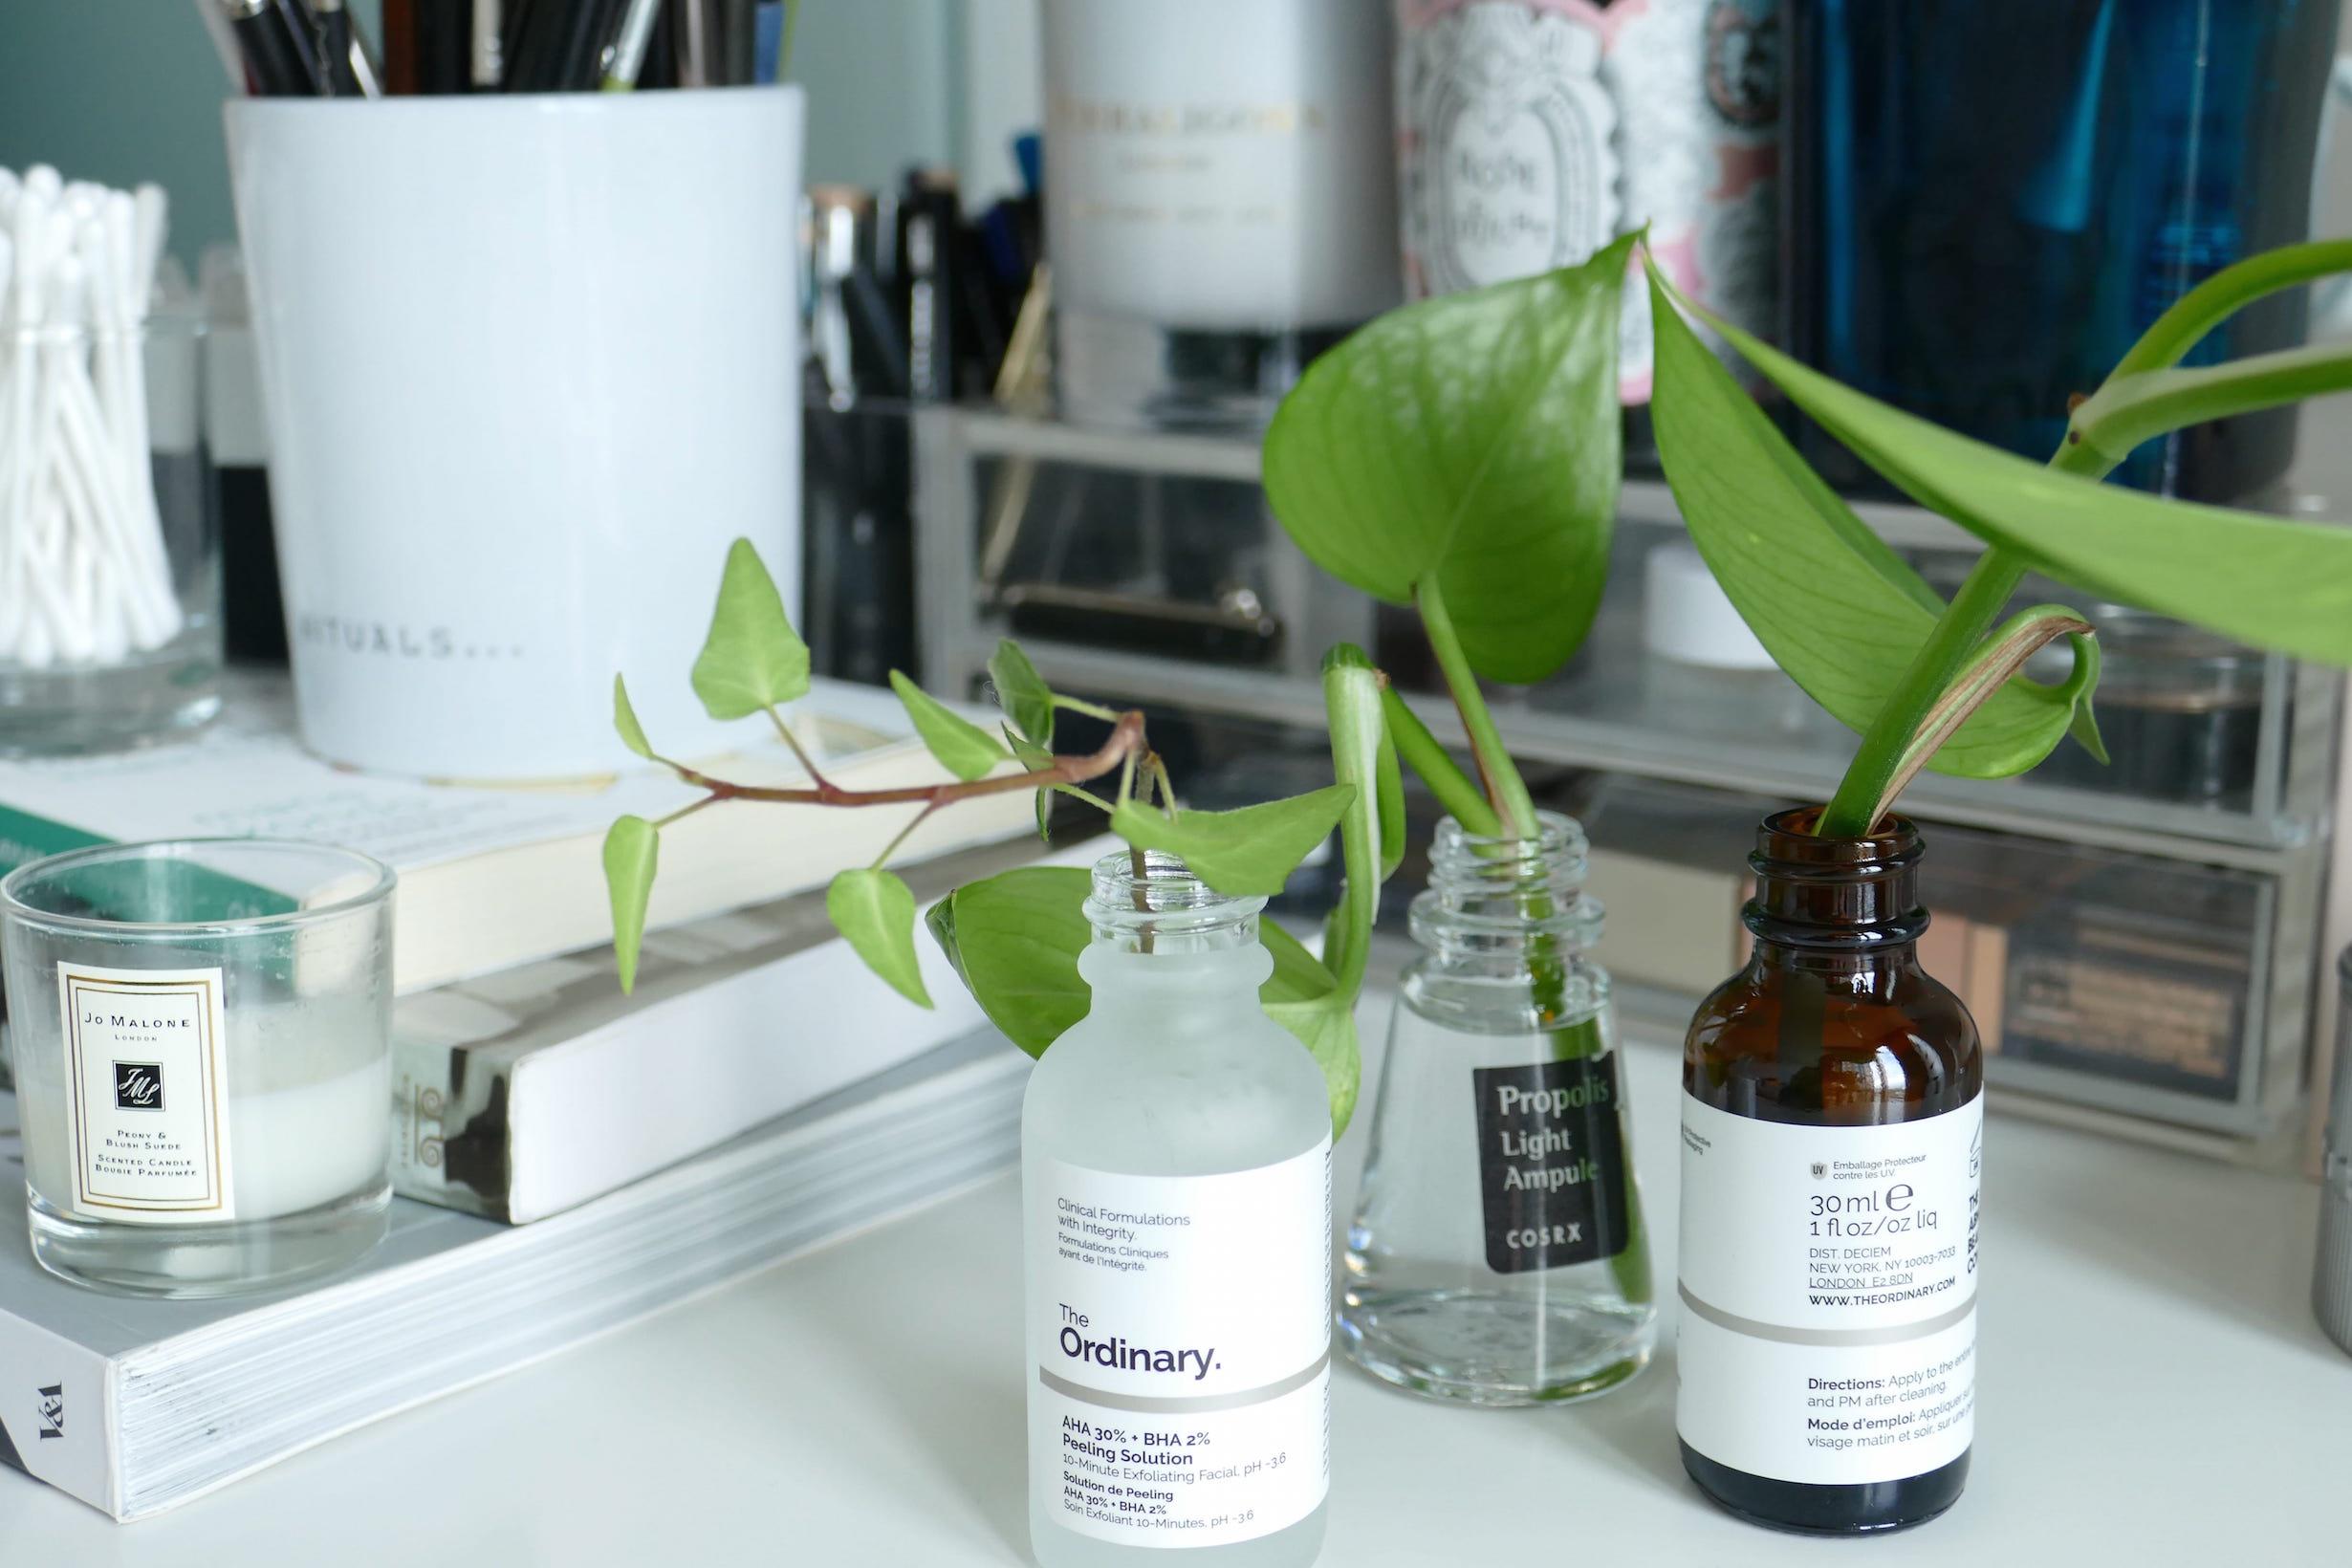 Skincare Jars used as sprouting jars